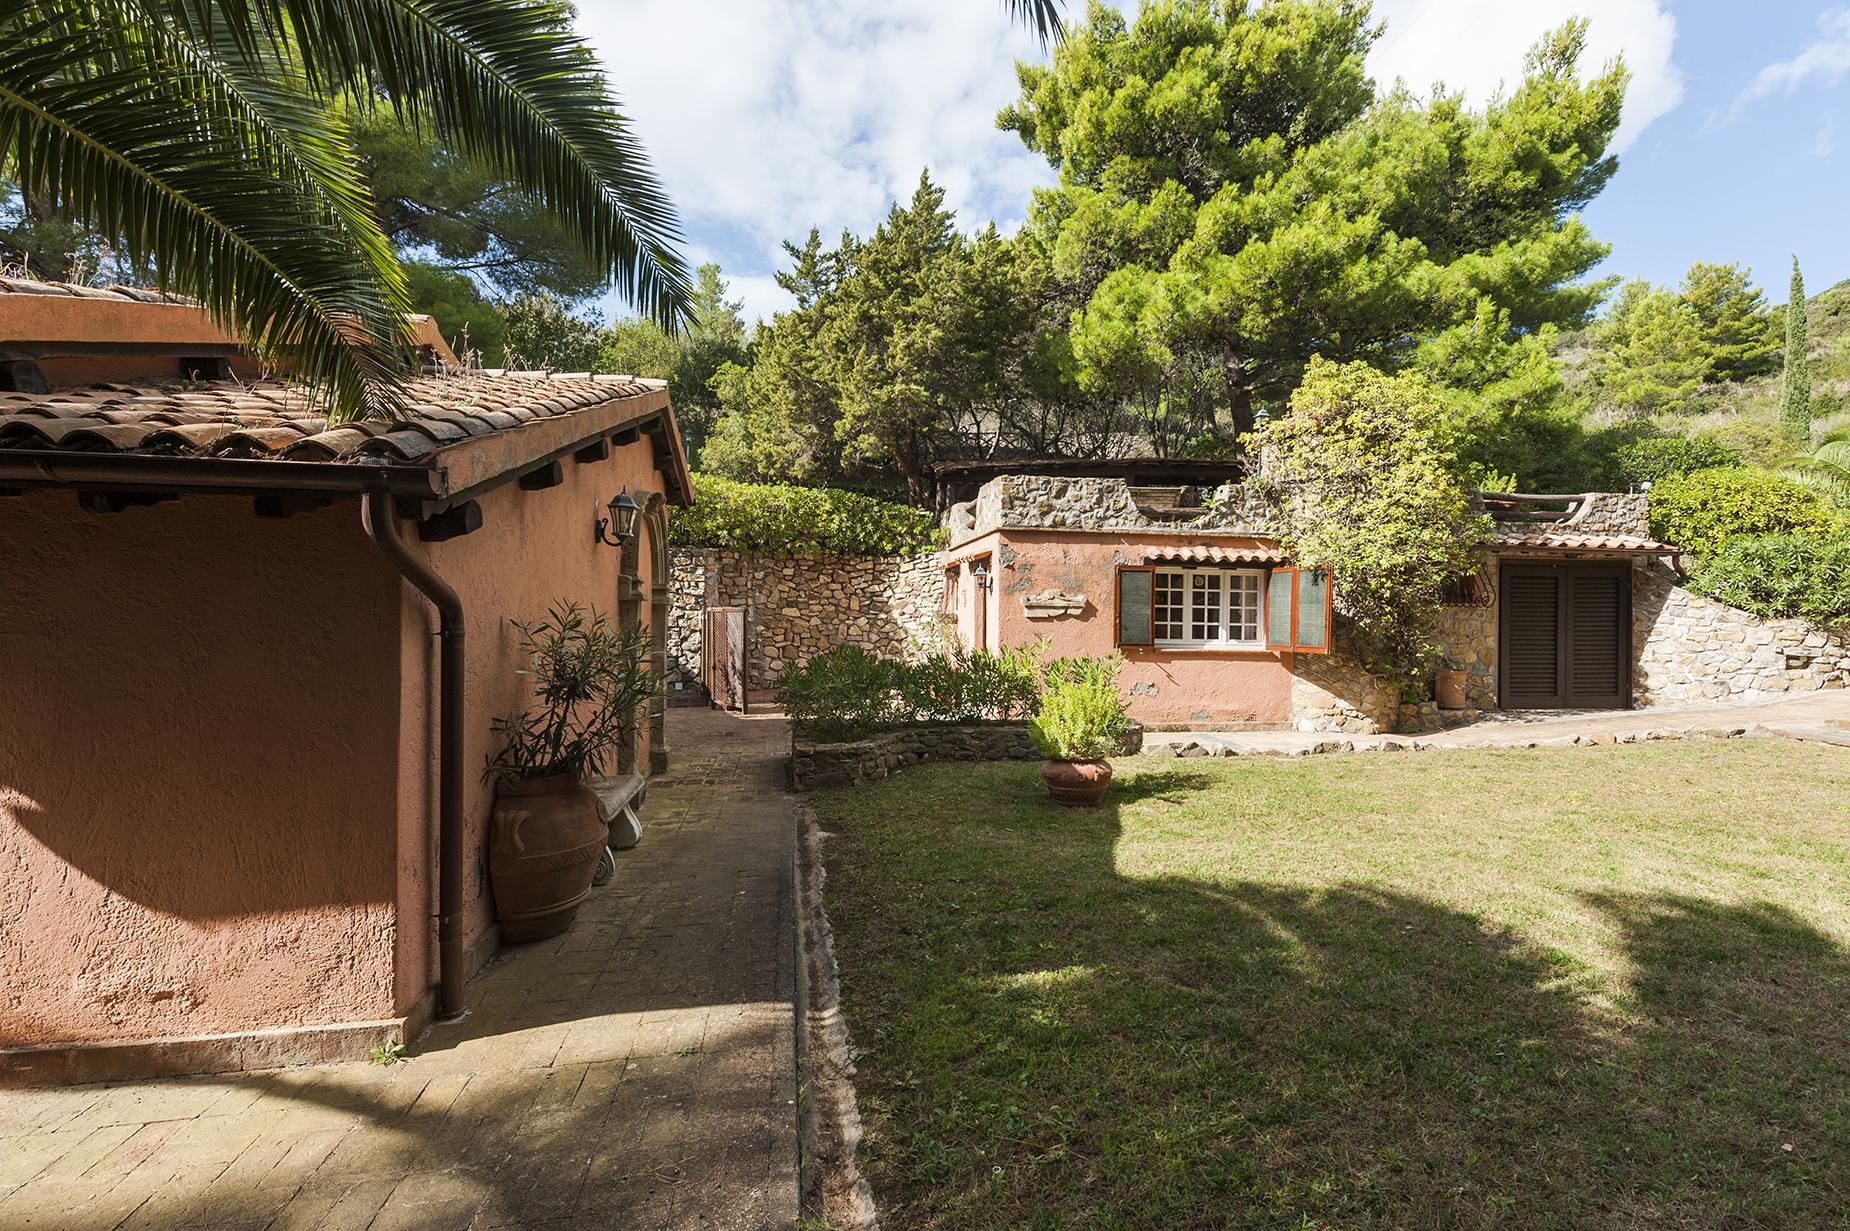 Villa in Vendita a Monte Argentario: 5 locali, 120 mq - Foto 4